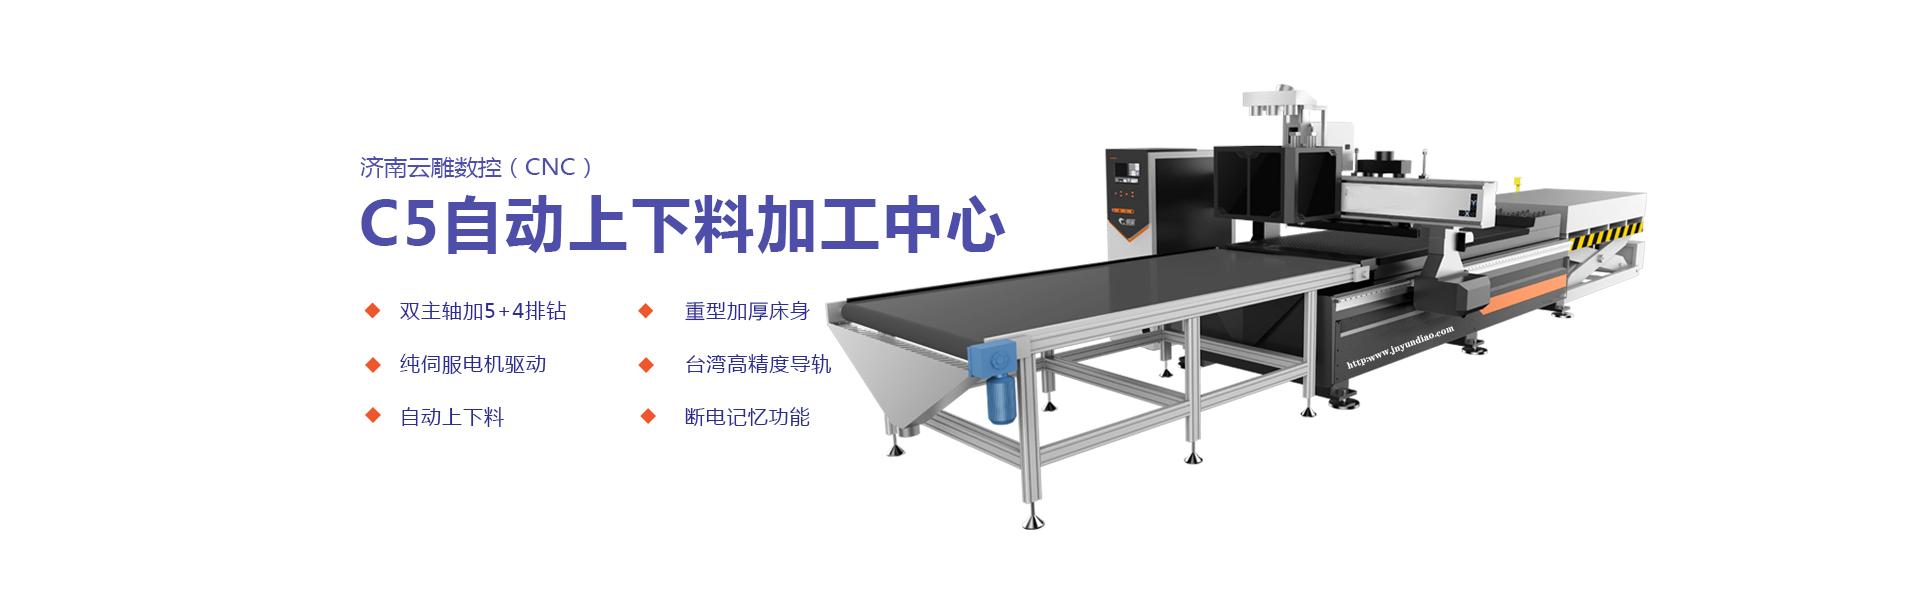 板式家具厂花多少钱?开料机怎么选择?